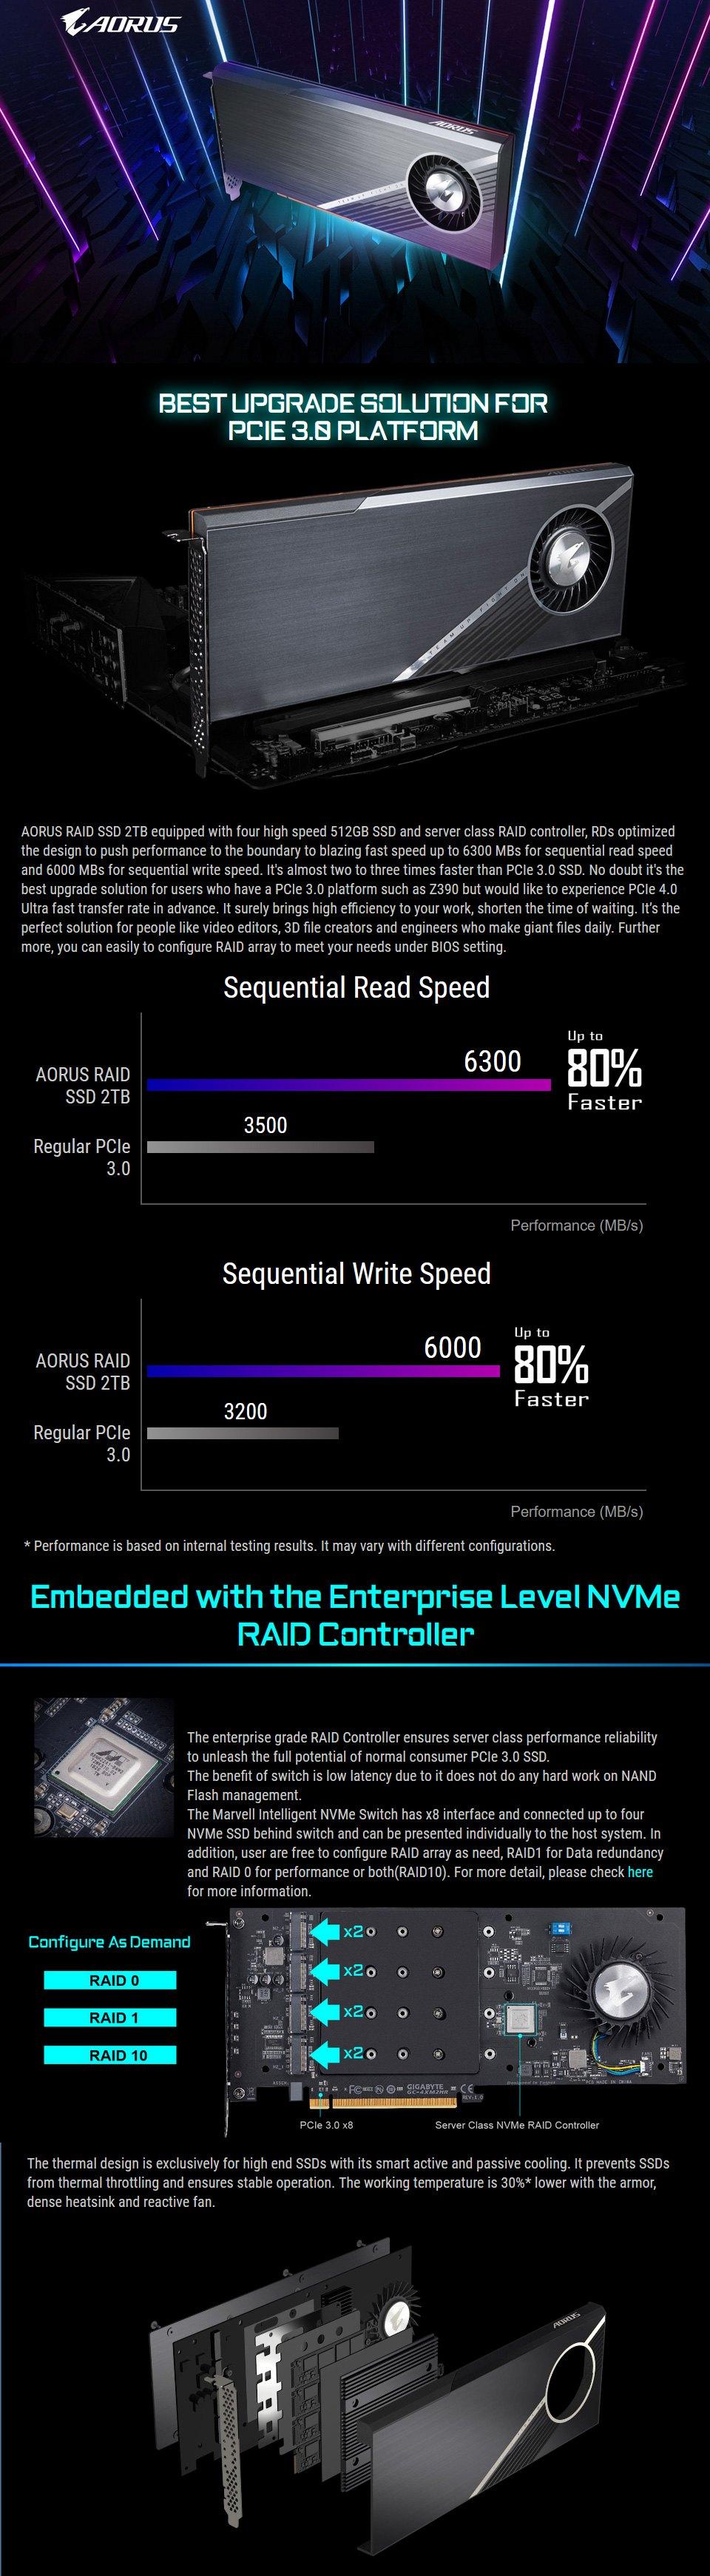 Gigabyte AORUS PCIe Raid SSD 2TB (4x512GB NVMe) features